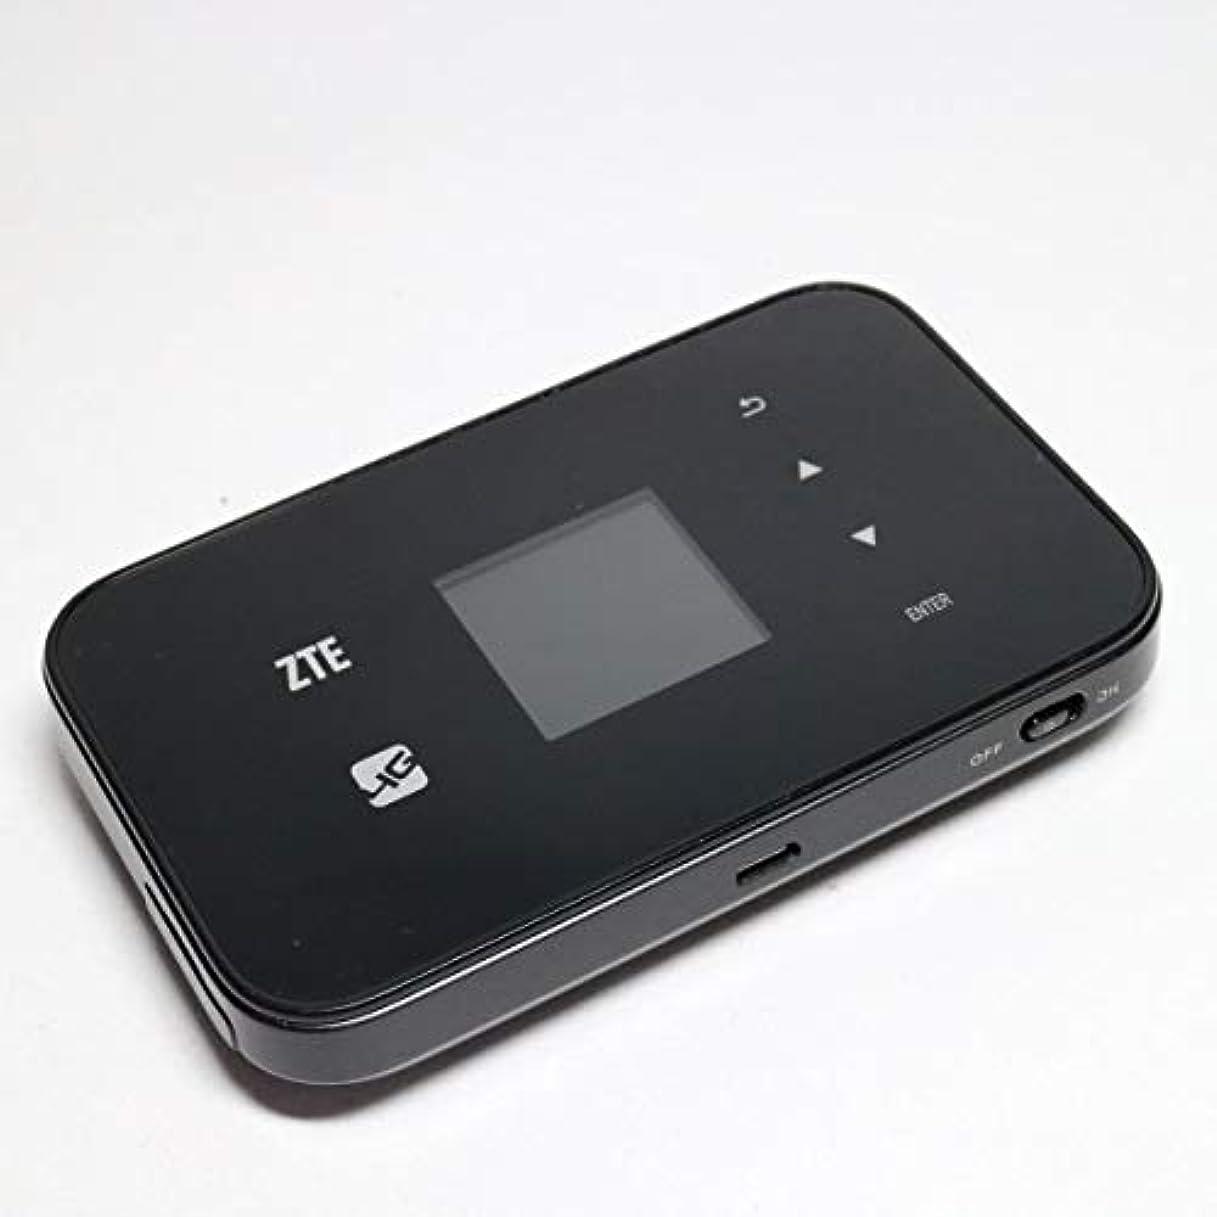 遠近法明るい浴4G LTE Mobile Wi-Fi ルーター MF98N【SIMフリー】